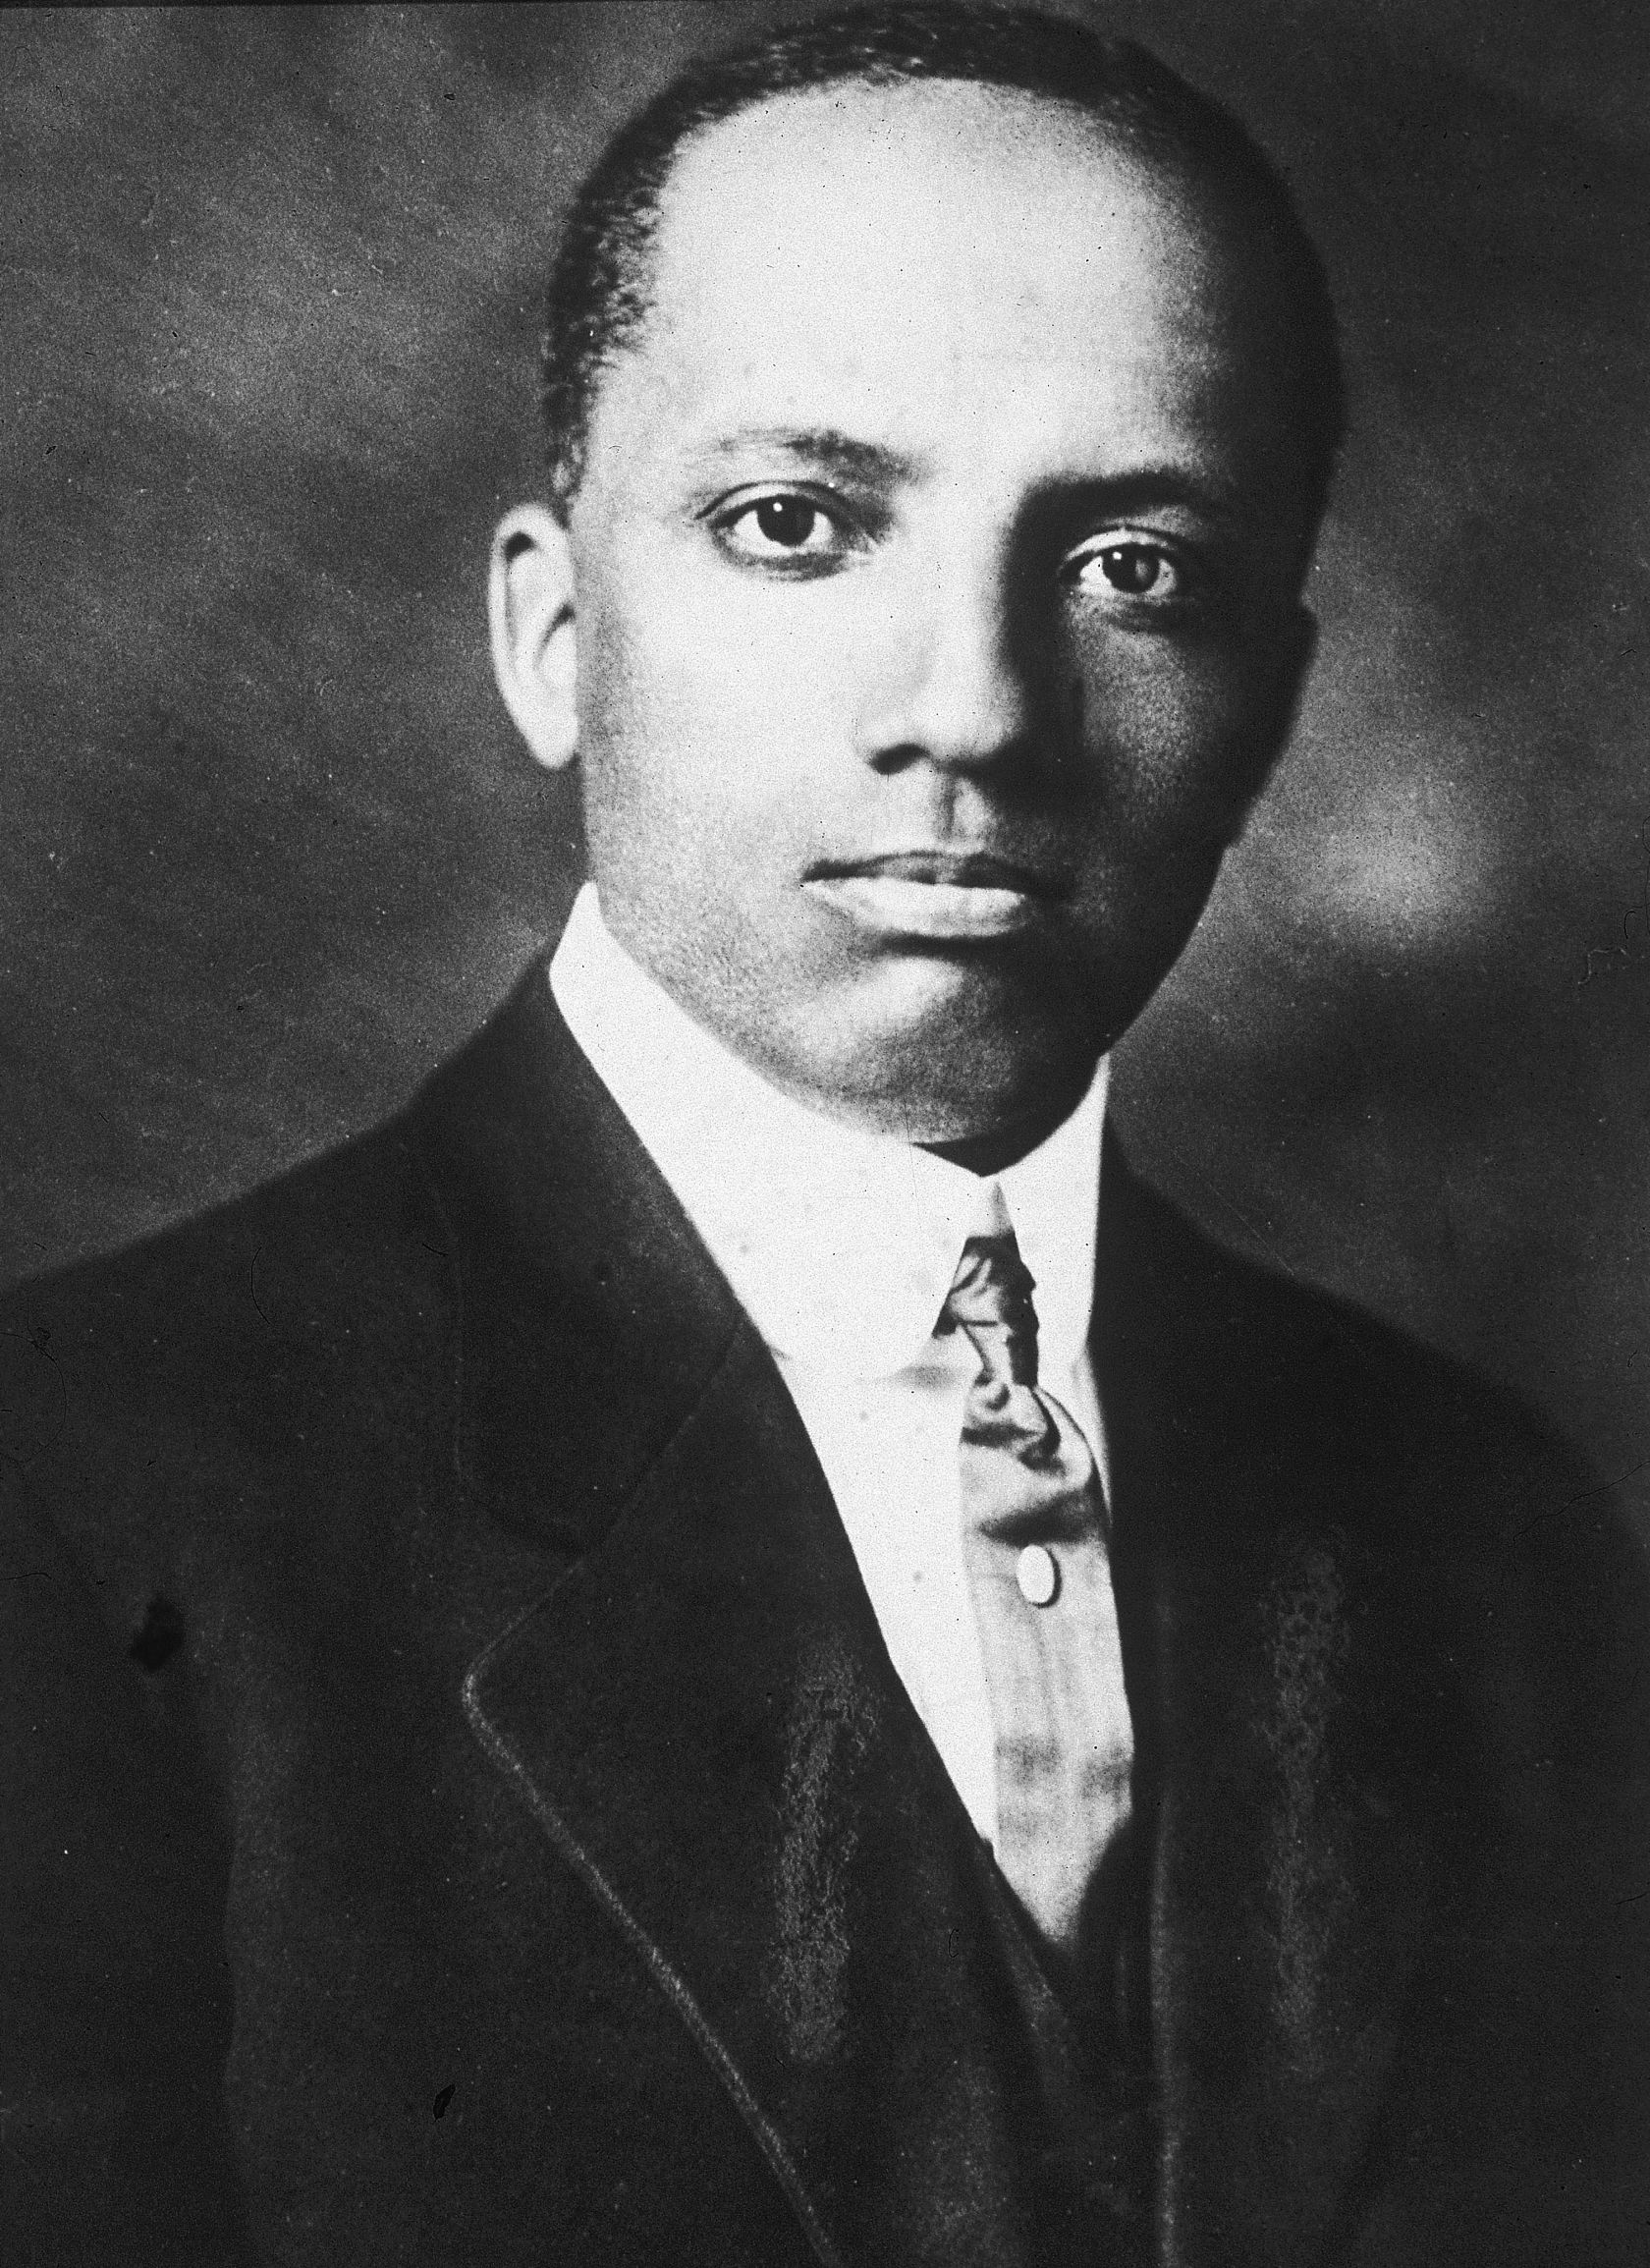 Portrait of Carter Woodson